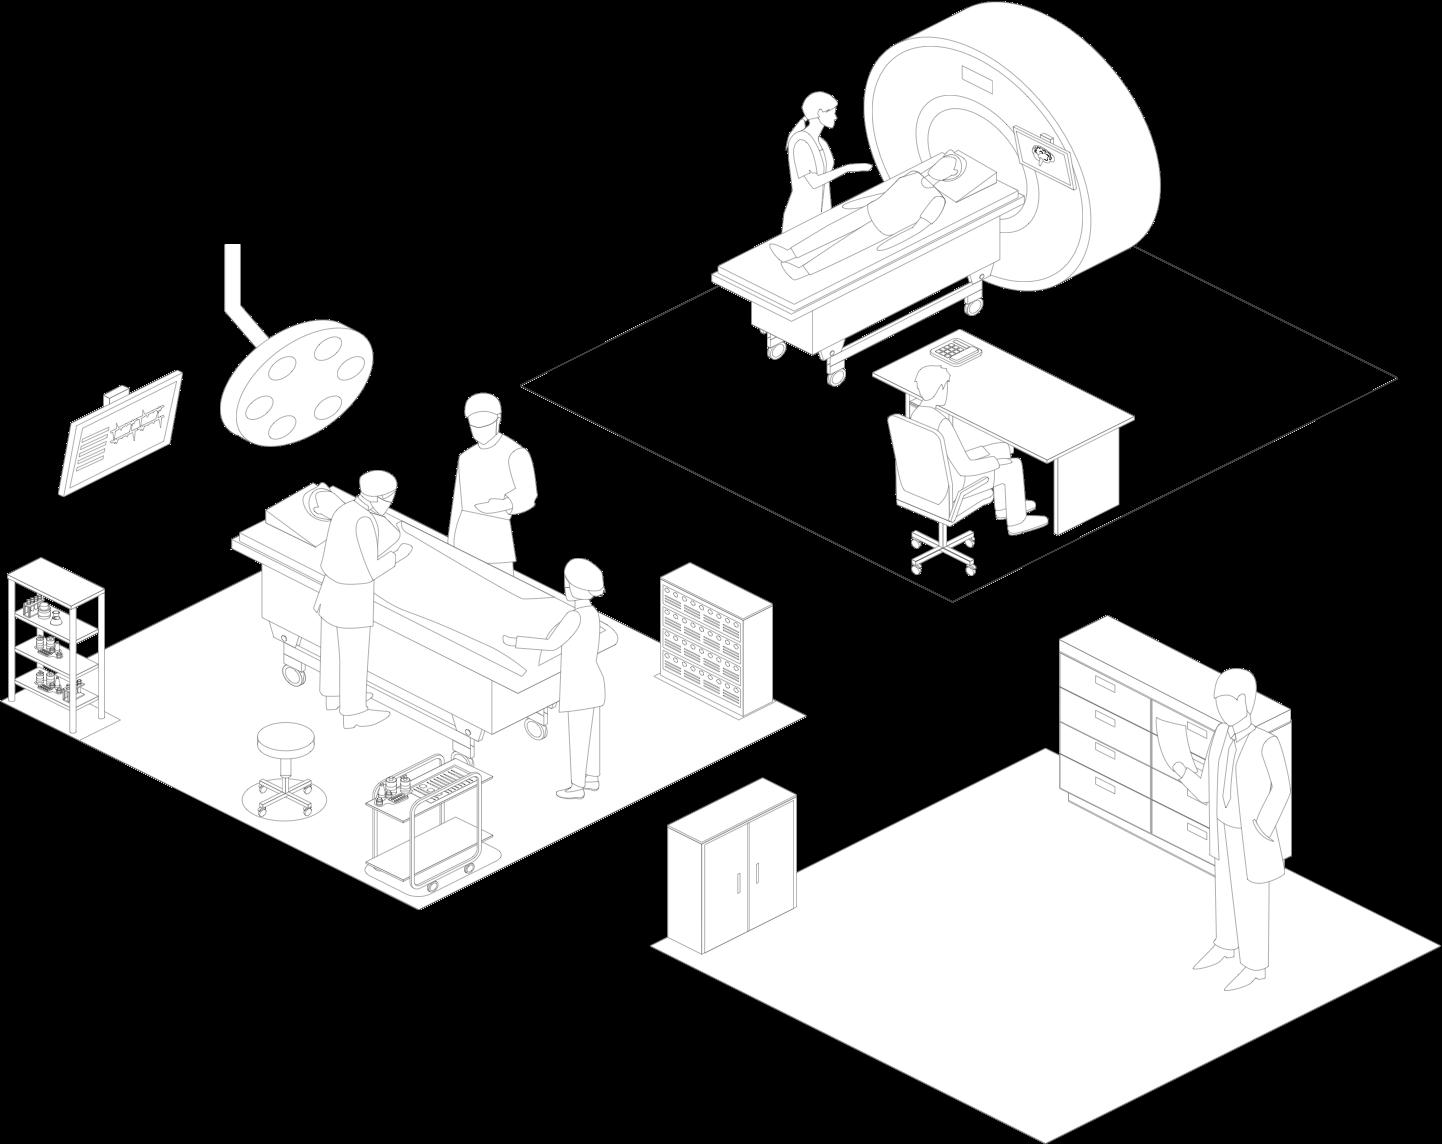 Lokalizacja urządzeń